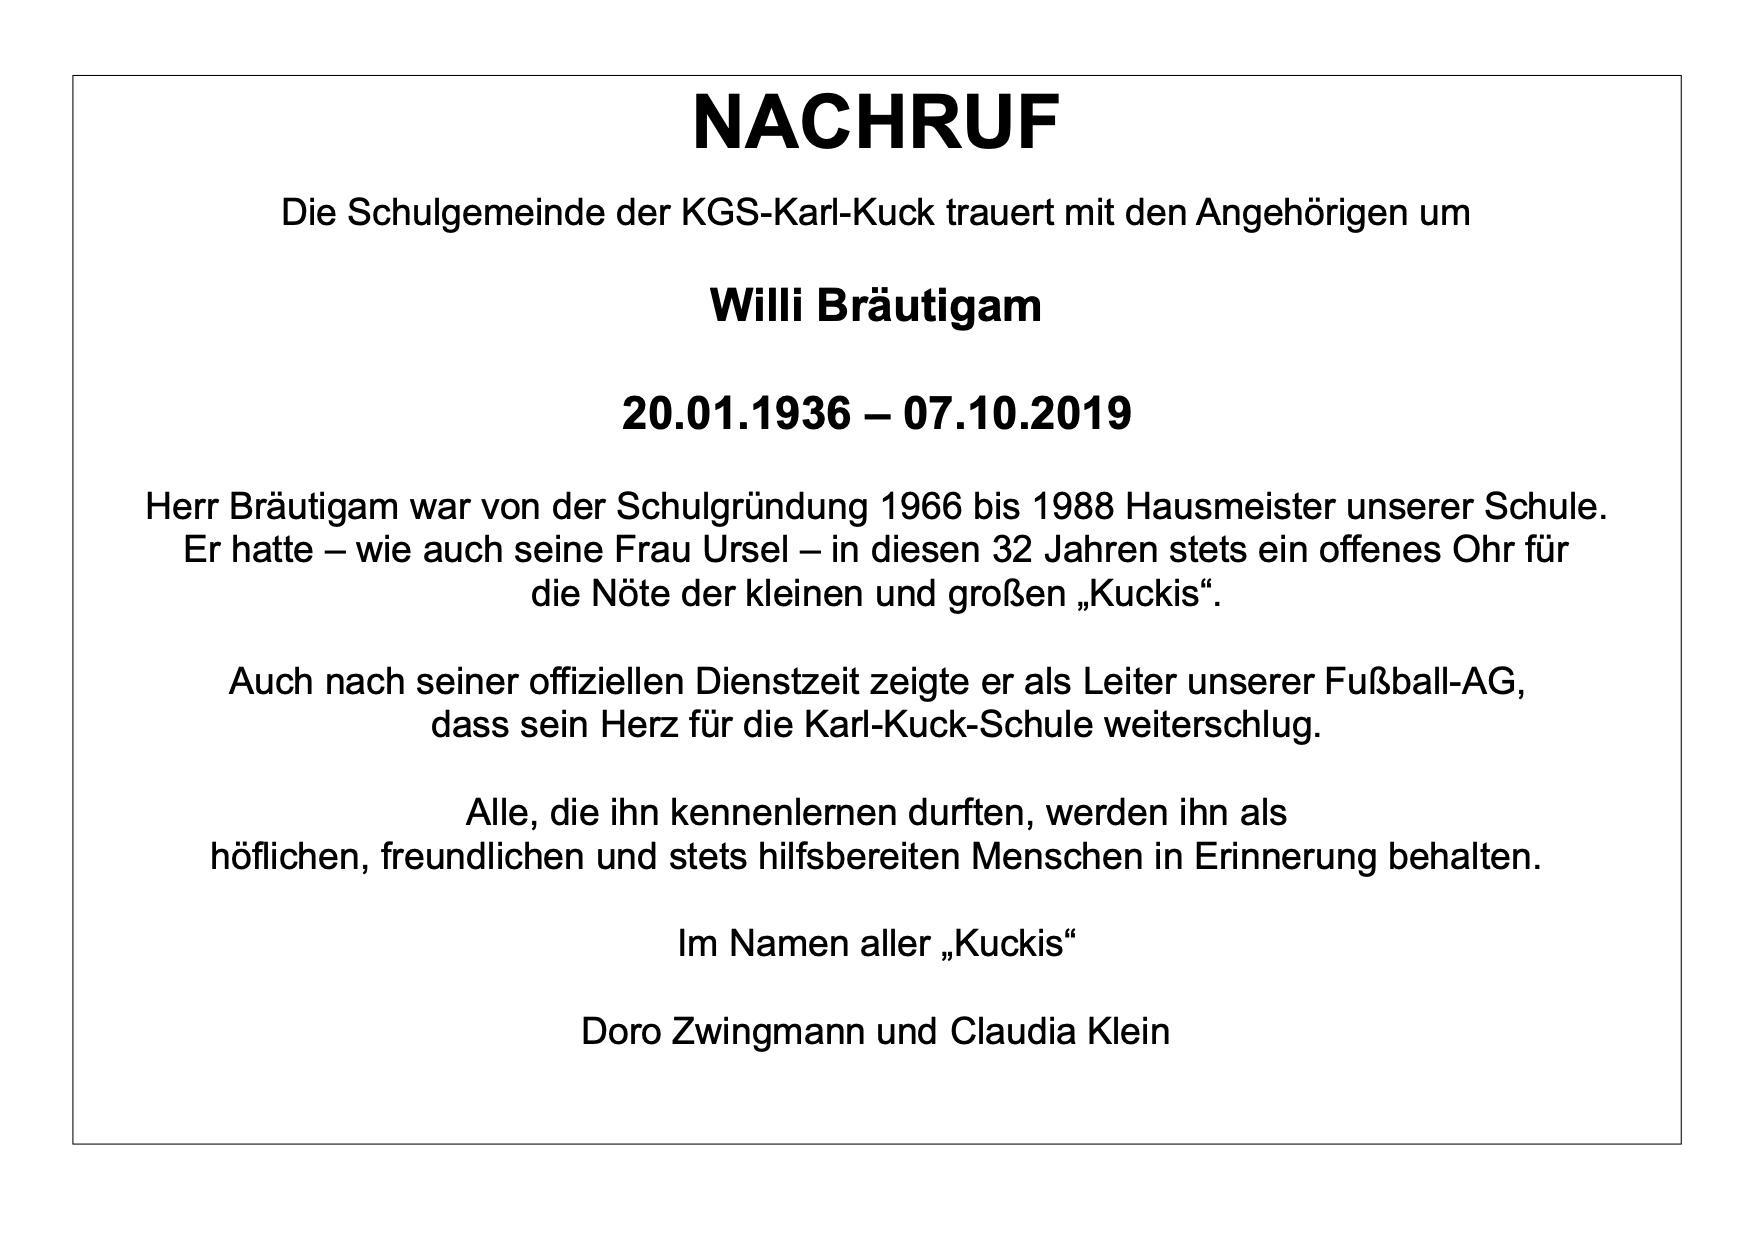 NACHRUF Willi Bräutigam